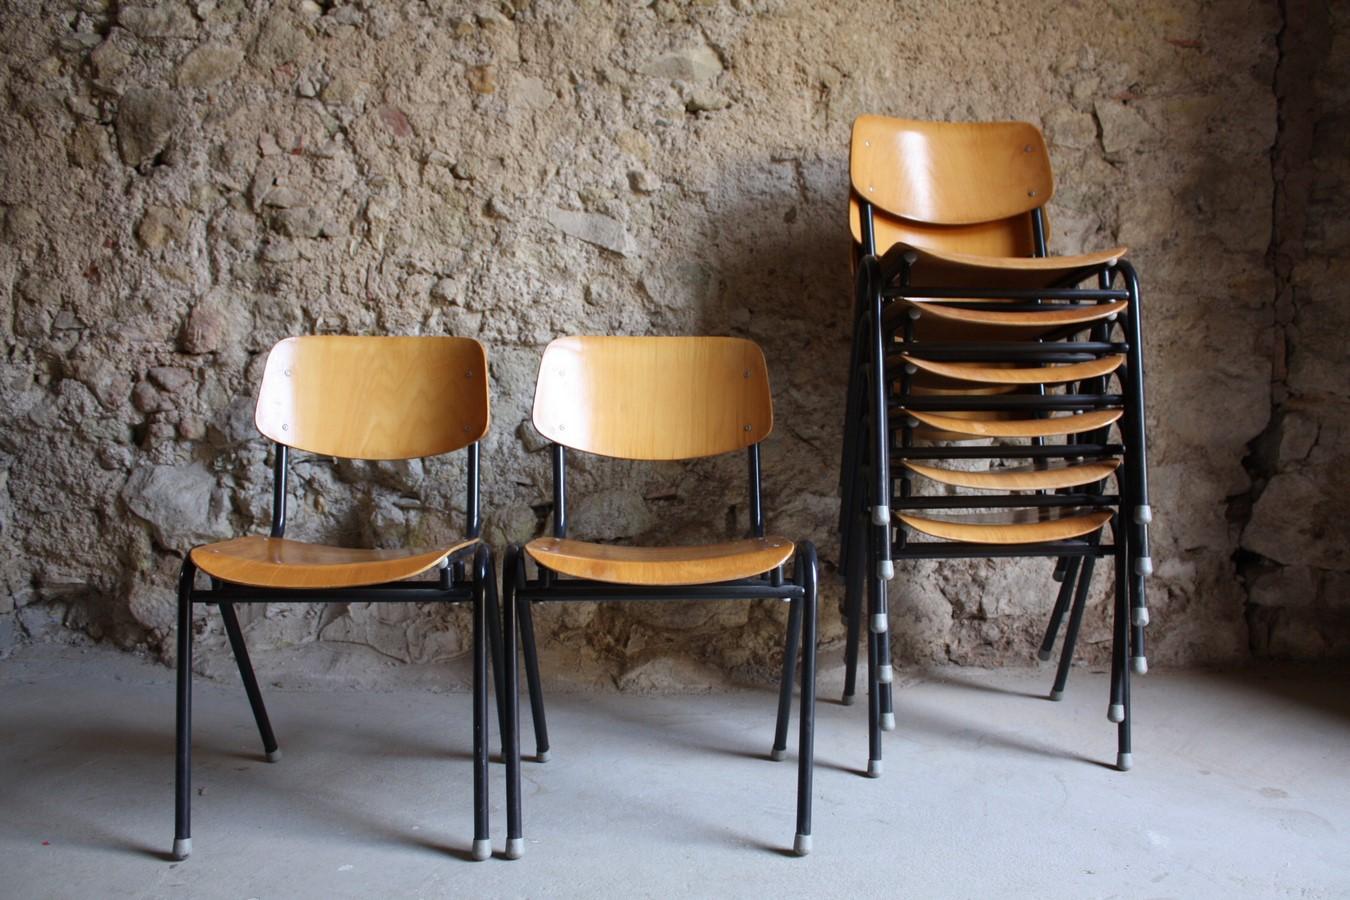 schulst hle kantinenst hle werkstattst hle 1 v 30. Black Bedroom Furniture Sets. Home Design Ideas